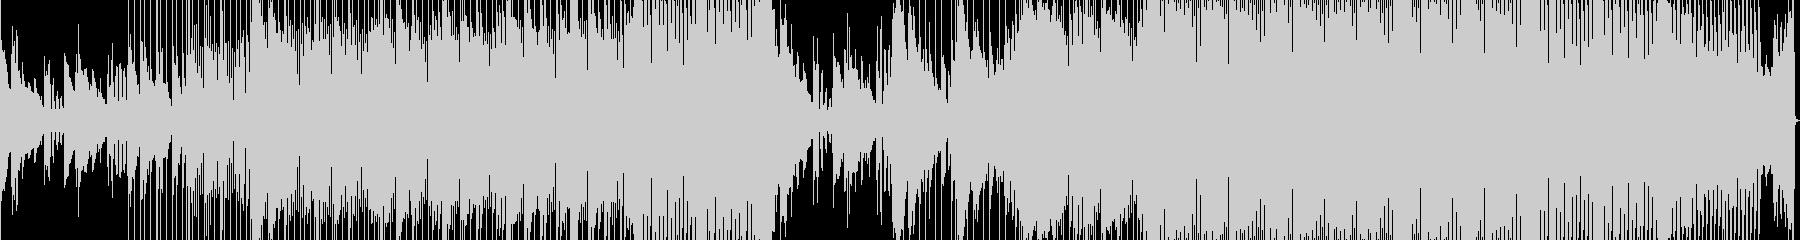 ベースの重厚感を意識したヒップホップの未再生の波形